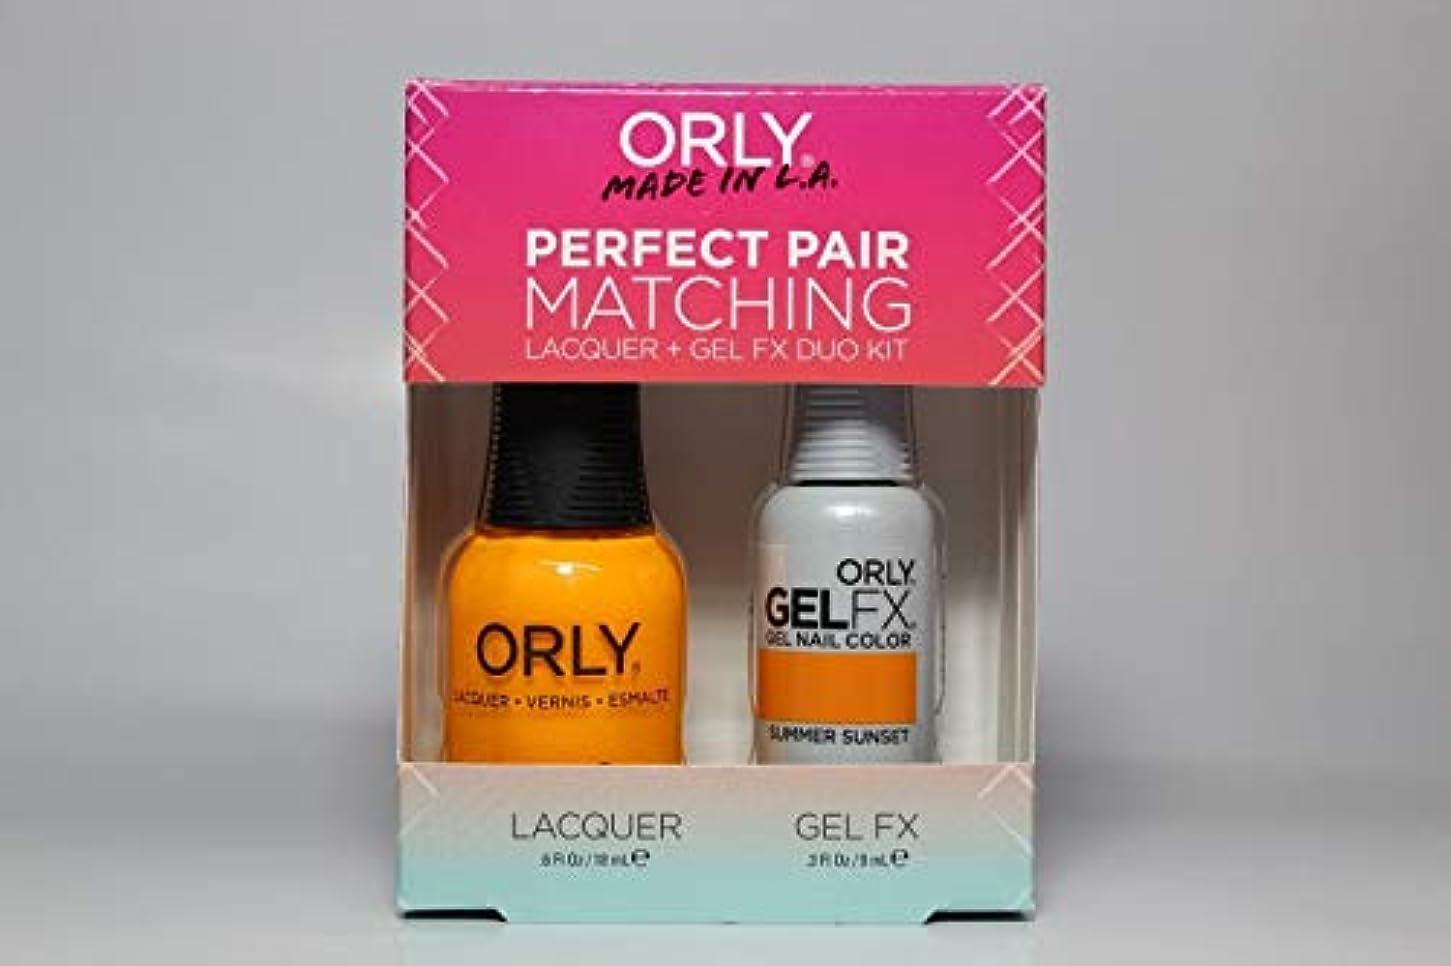 先行する詩人使用法Orly - Perfect Pair Matching Lacquer+Gel FX Kit - Summer Sunset - 0.6 oz / 0.3 oz